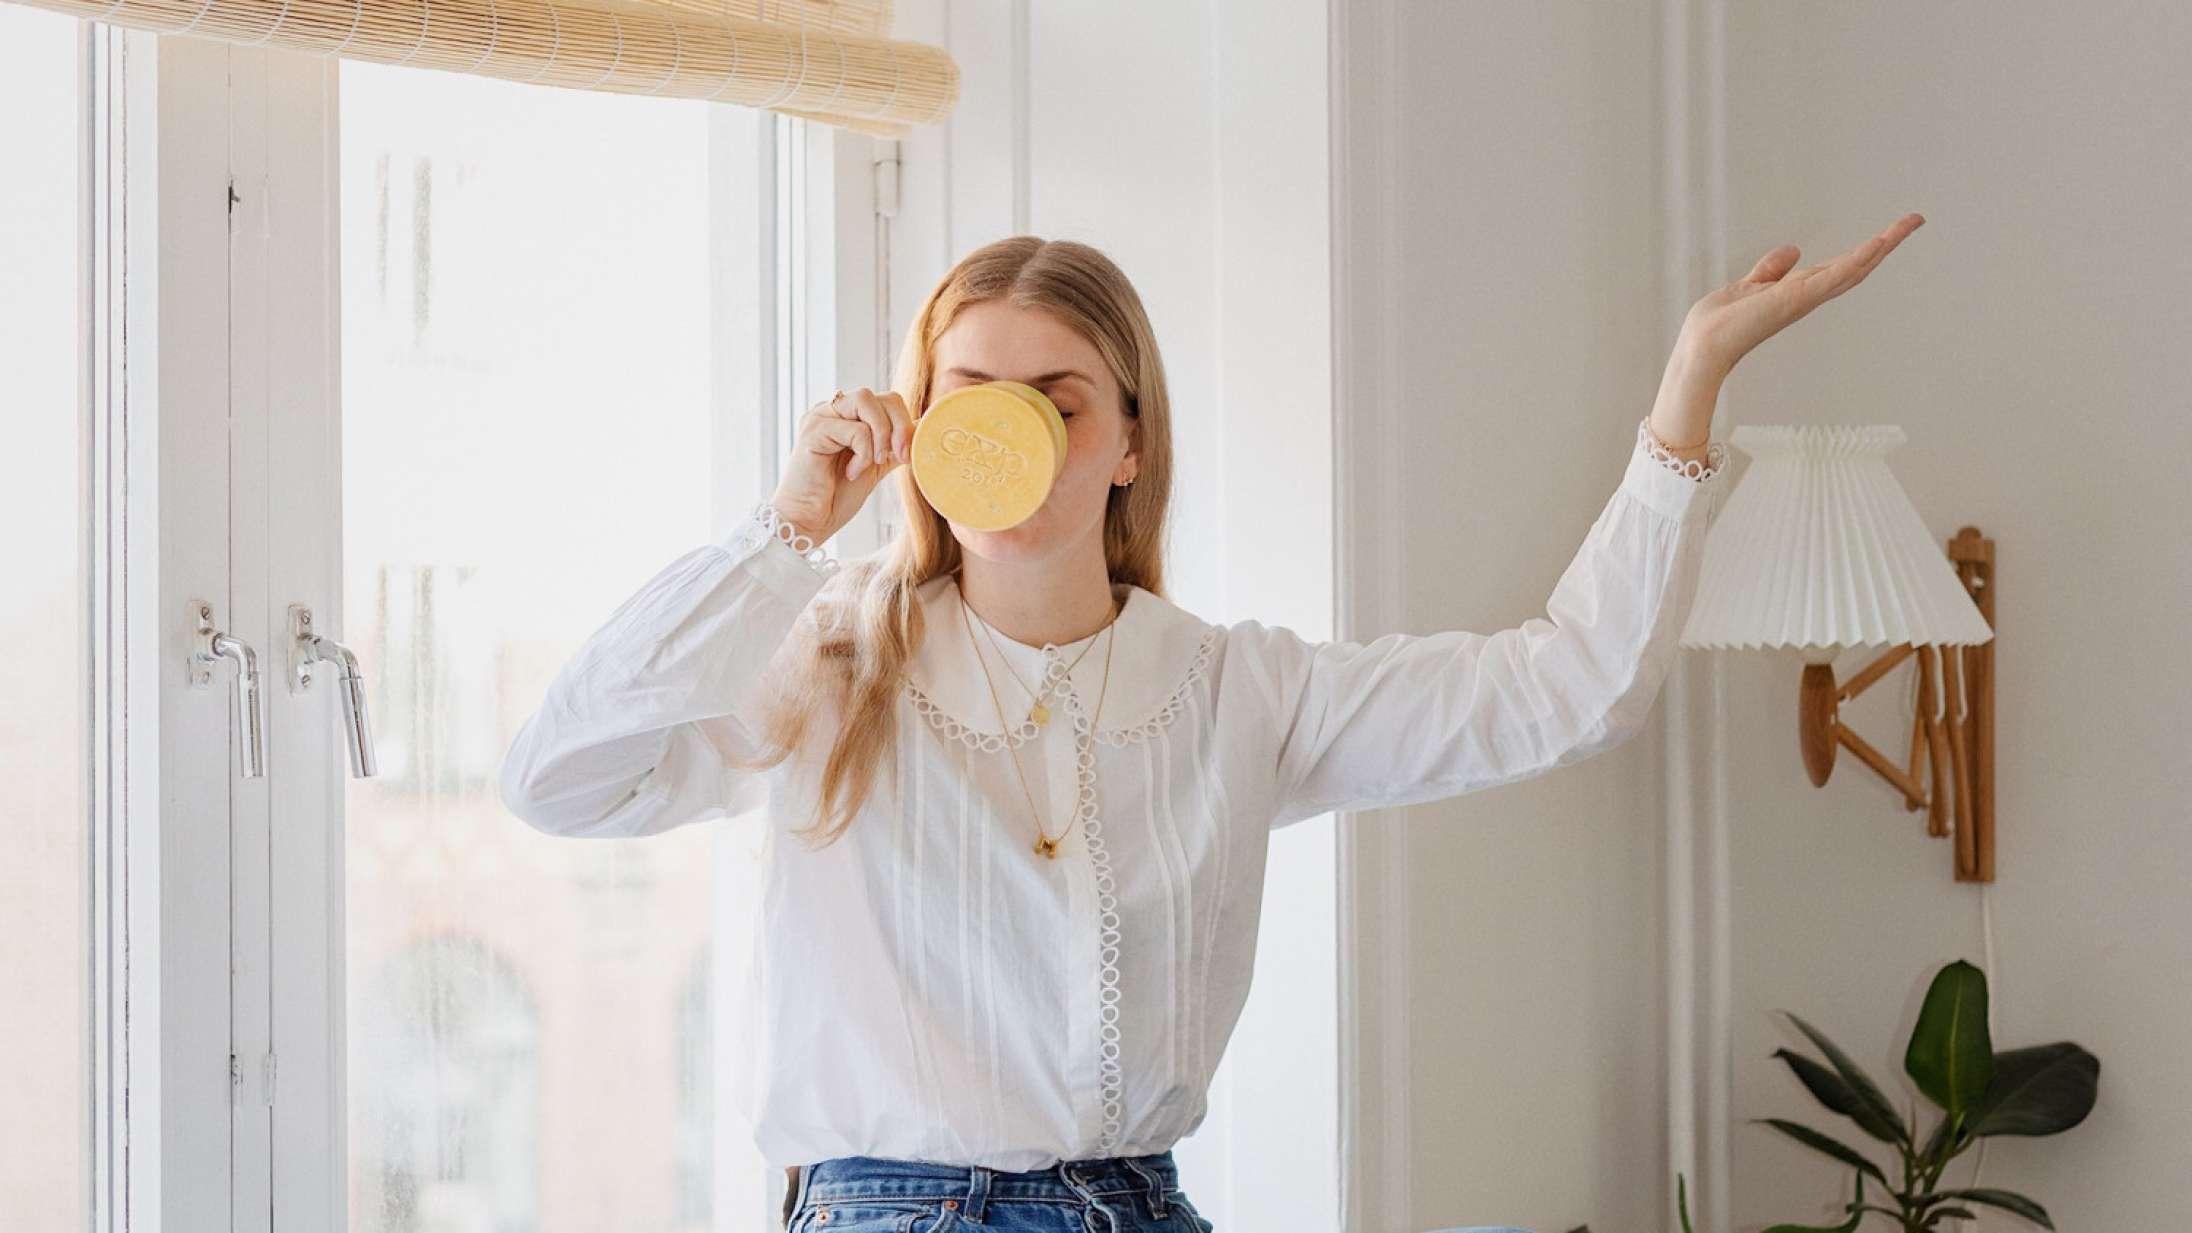 Modeblogger tager sine læsere med på rejsen mod mere ansvarligt forbrug: »Jeg er ikke bleg for at indrømme, at jeg sagtens kan gøre det bedre«.